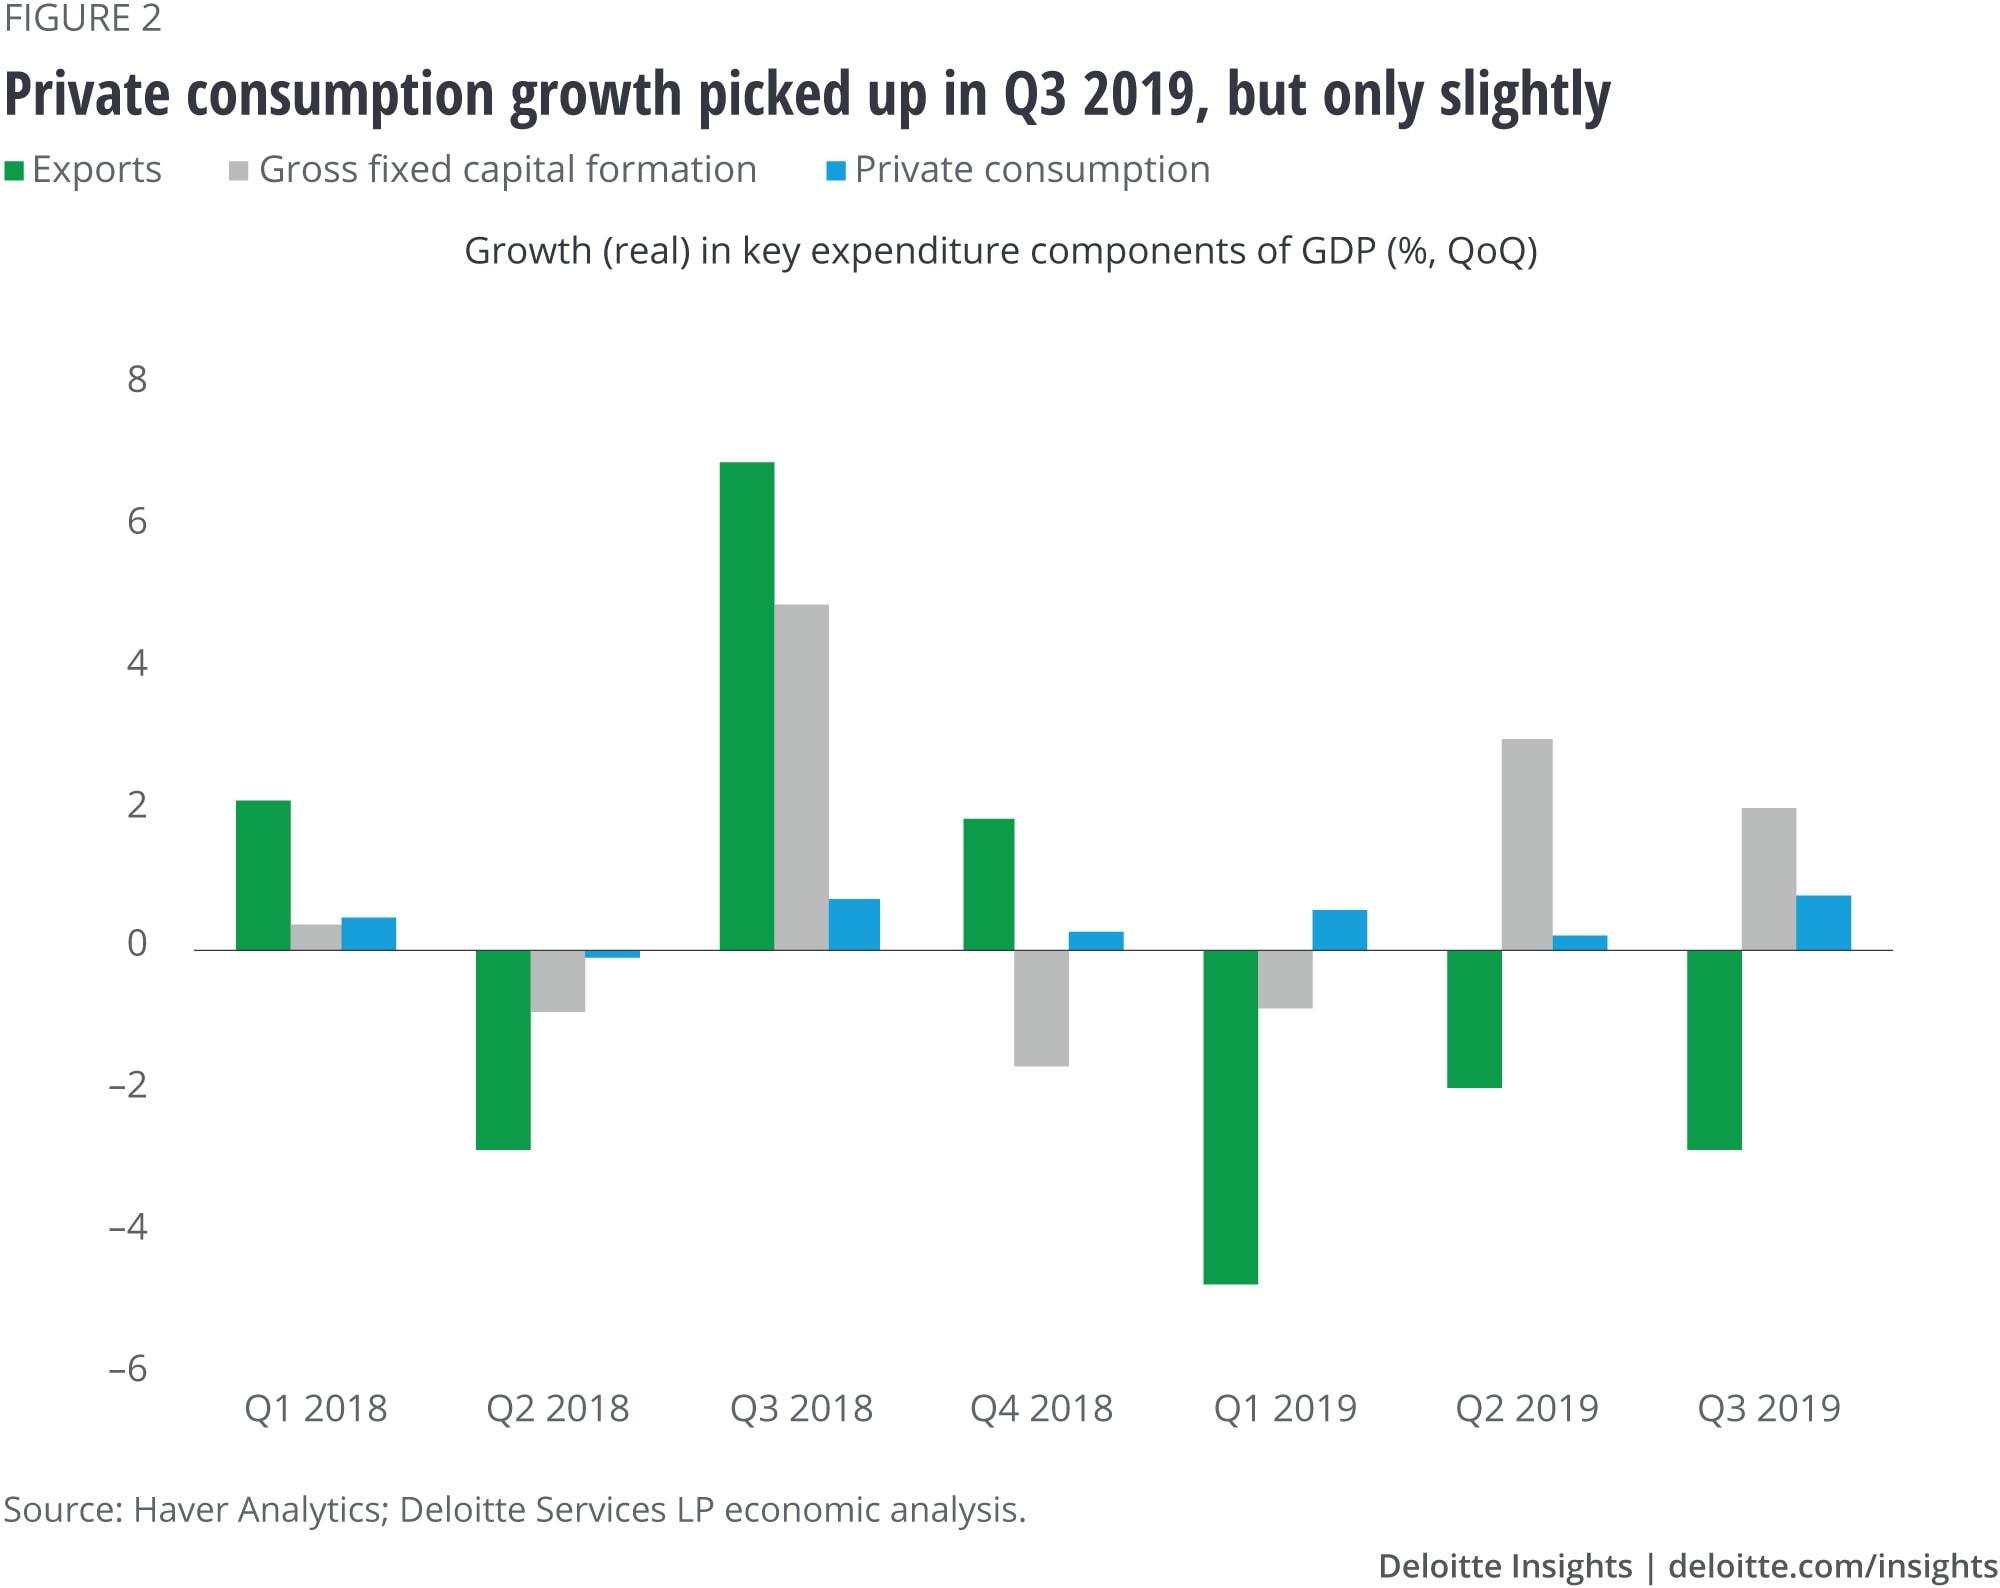 O crescimento do consumo privado aumentou no terceiro trimestre de 2019, mas apenas ligeiramente